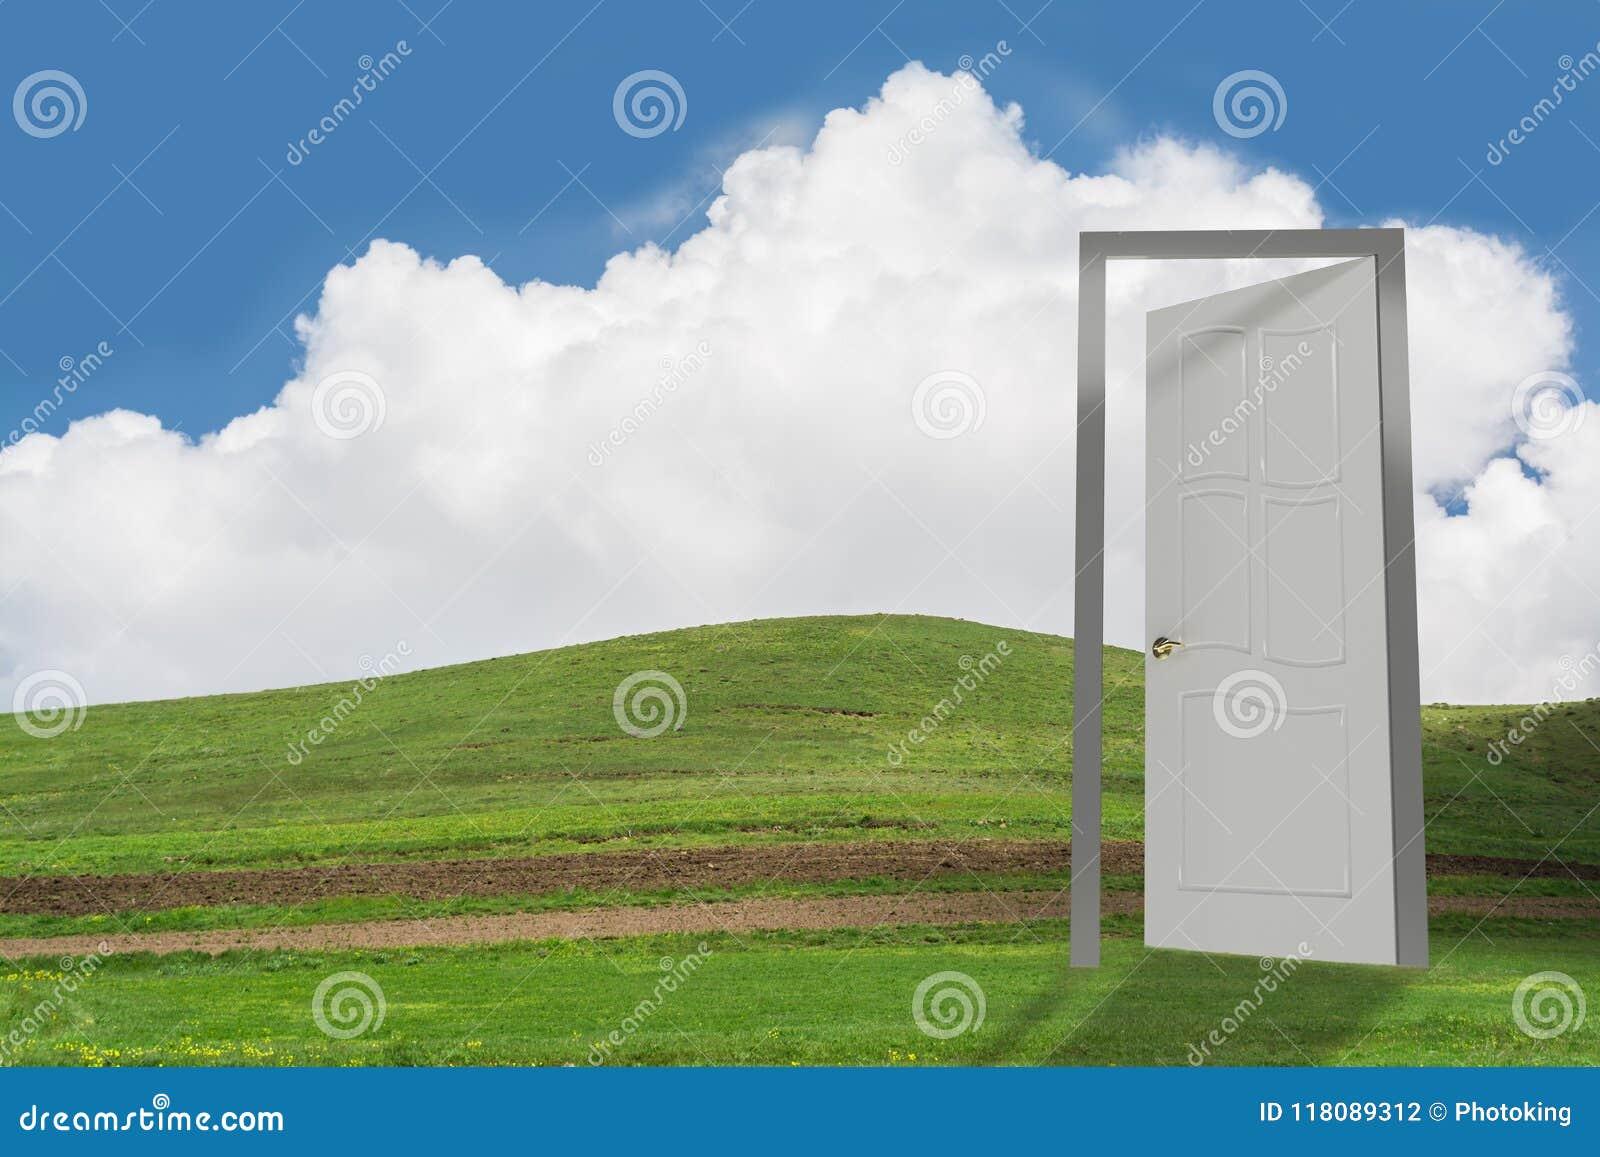 Открыть дверь на зеленой земле